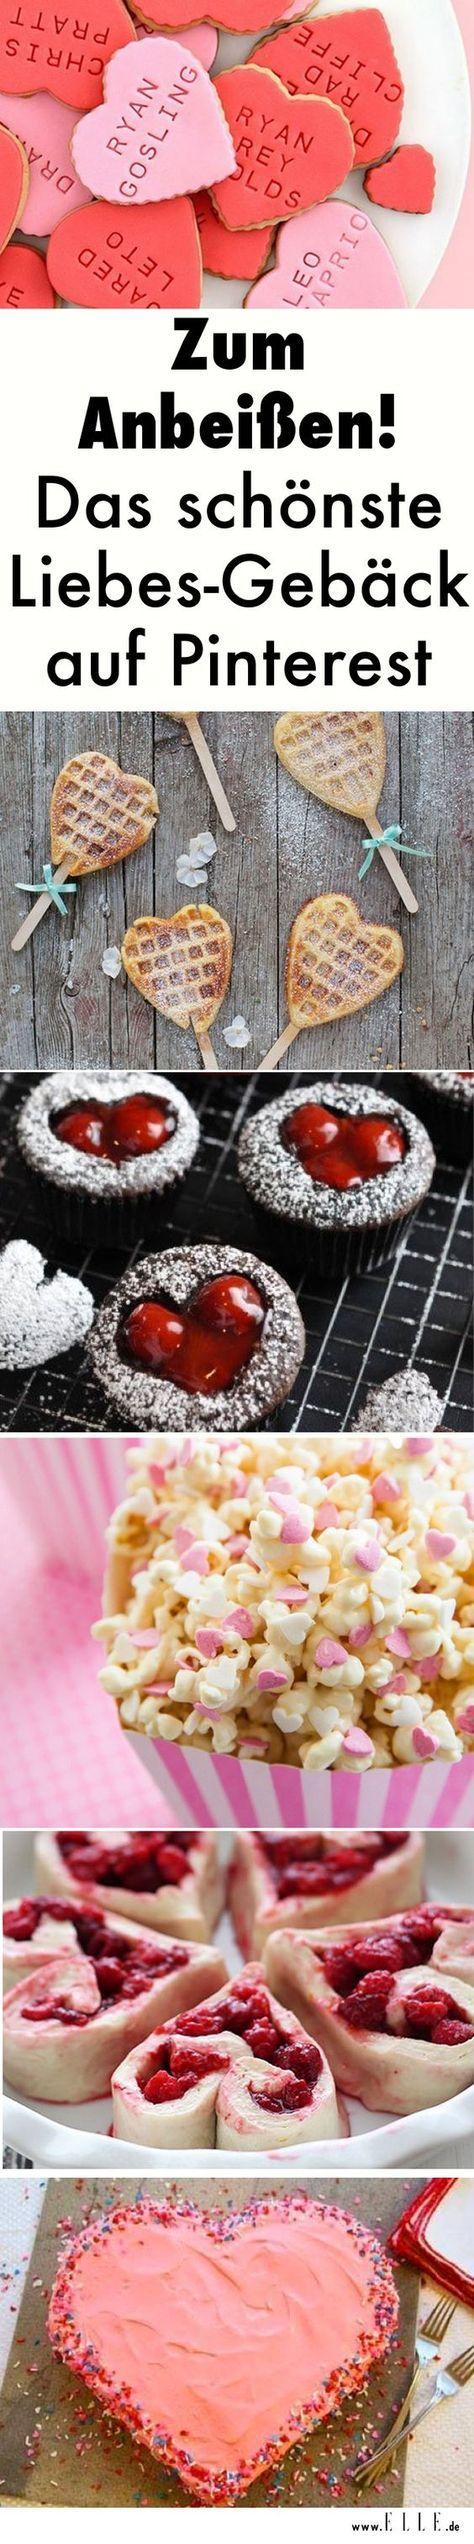 Valentinstag: Was gibt es Schöneres, als den Partner mit einem selbstgebackenen Liebesgeständnis zu überraschen? Hier sind die schönsten Ideen auf Pinterest.